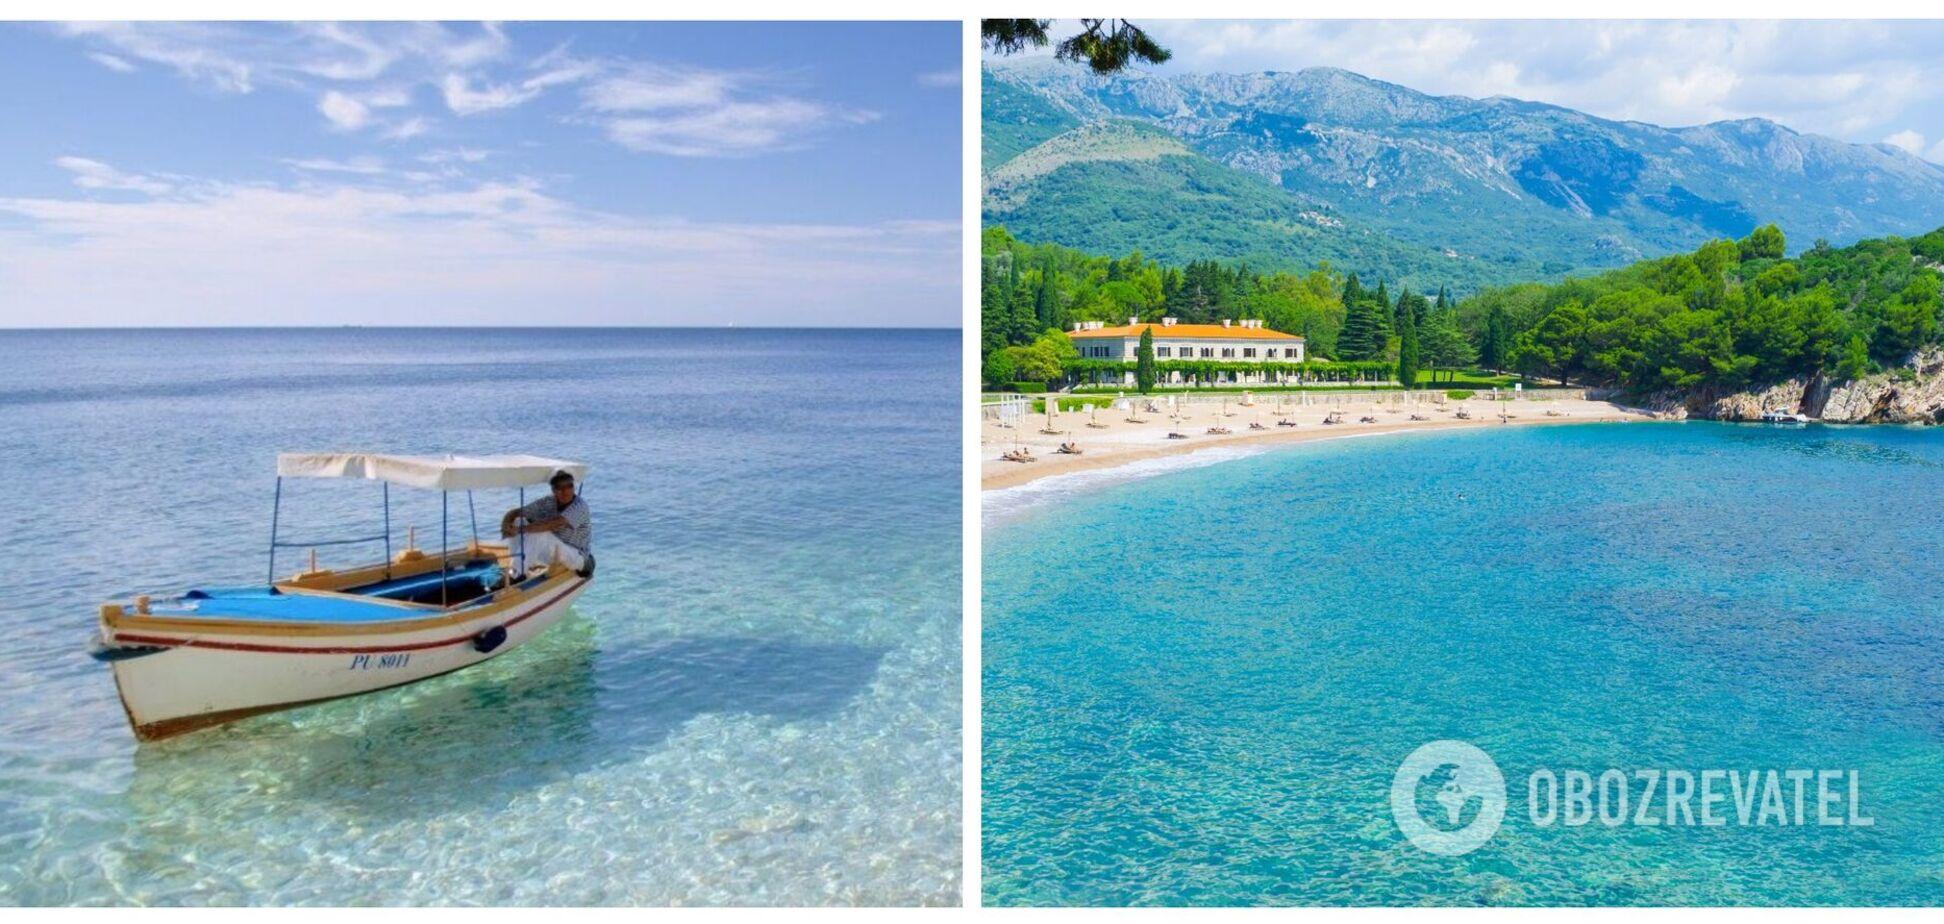 Самые красивые пляжи Черногории, которые могут заменить Таиланд, Гавайи и Доминикану. Фото